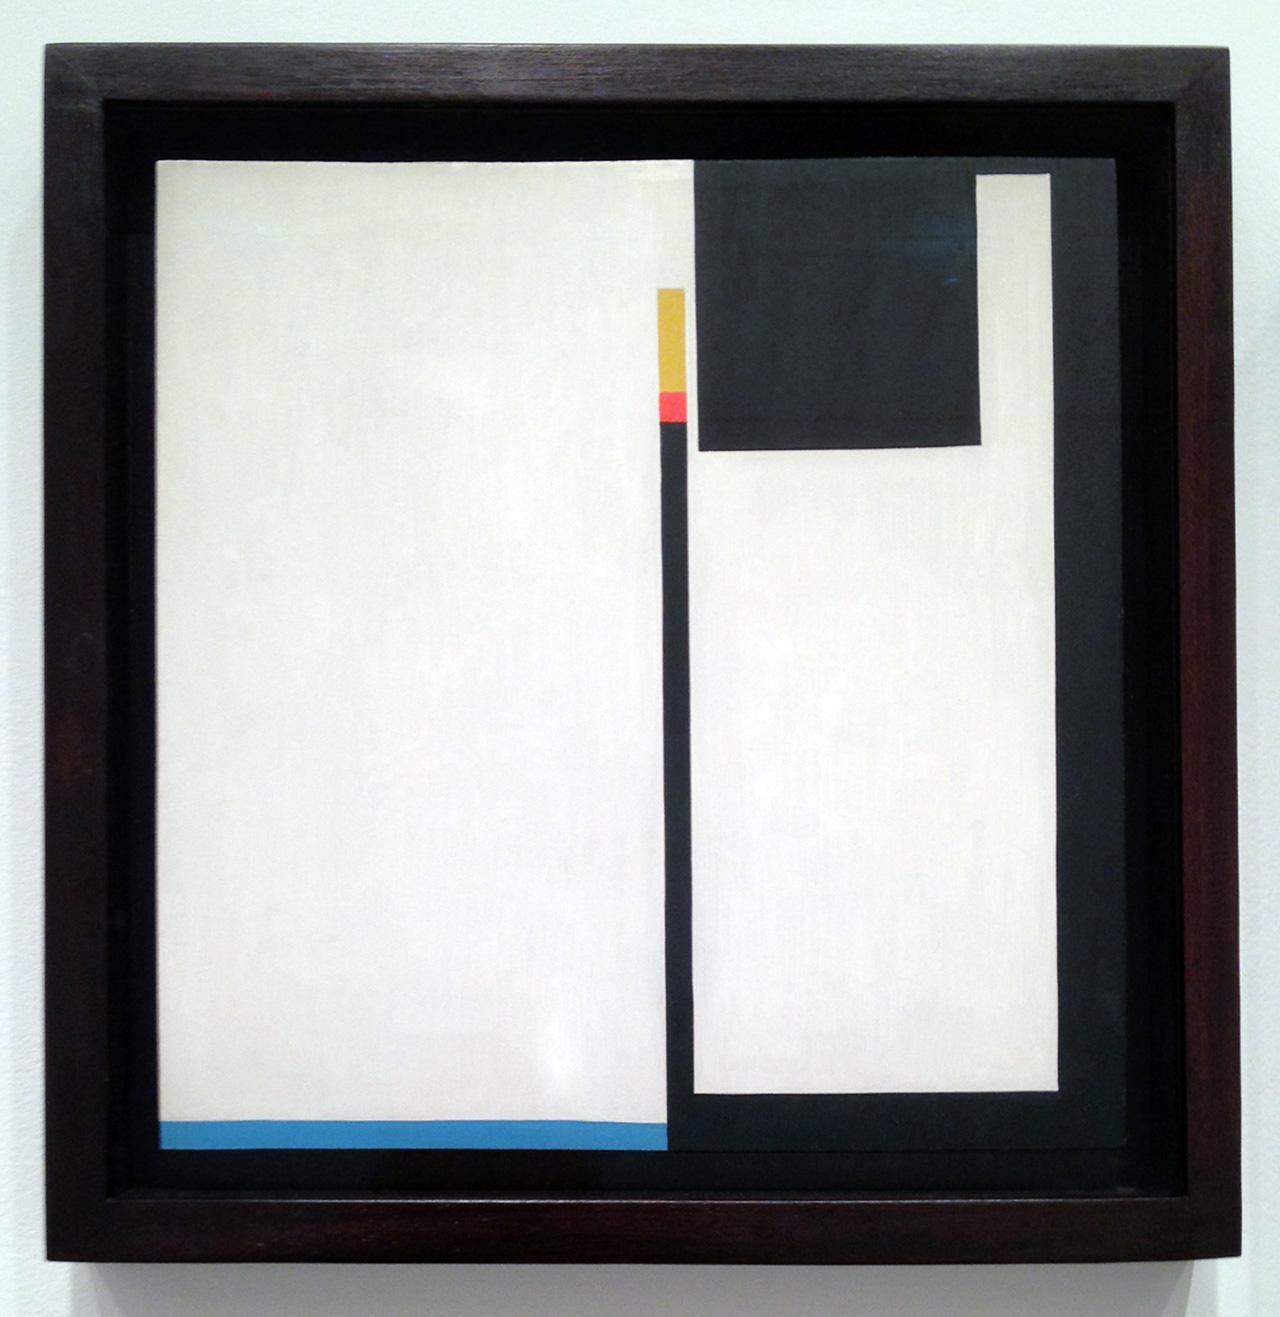 """Bruno Munari, """"Negativo - Positivo (Negative - Positive)"""" (1951), oil on masonite, oil on masonite, 13 x 12.8 inches."""